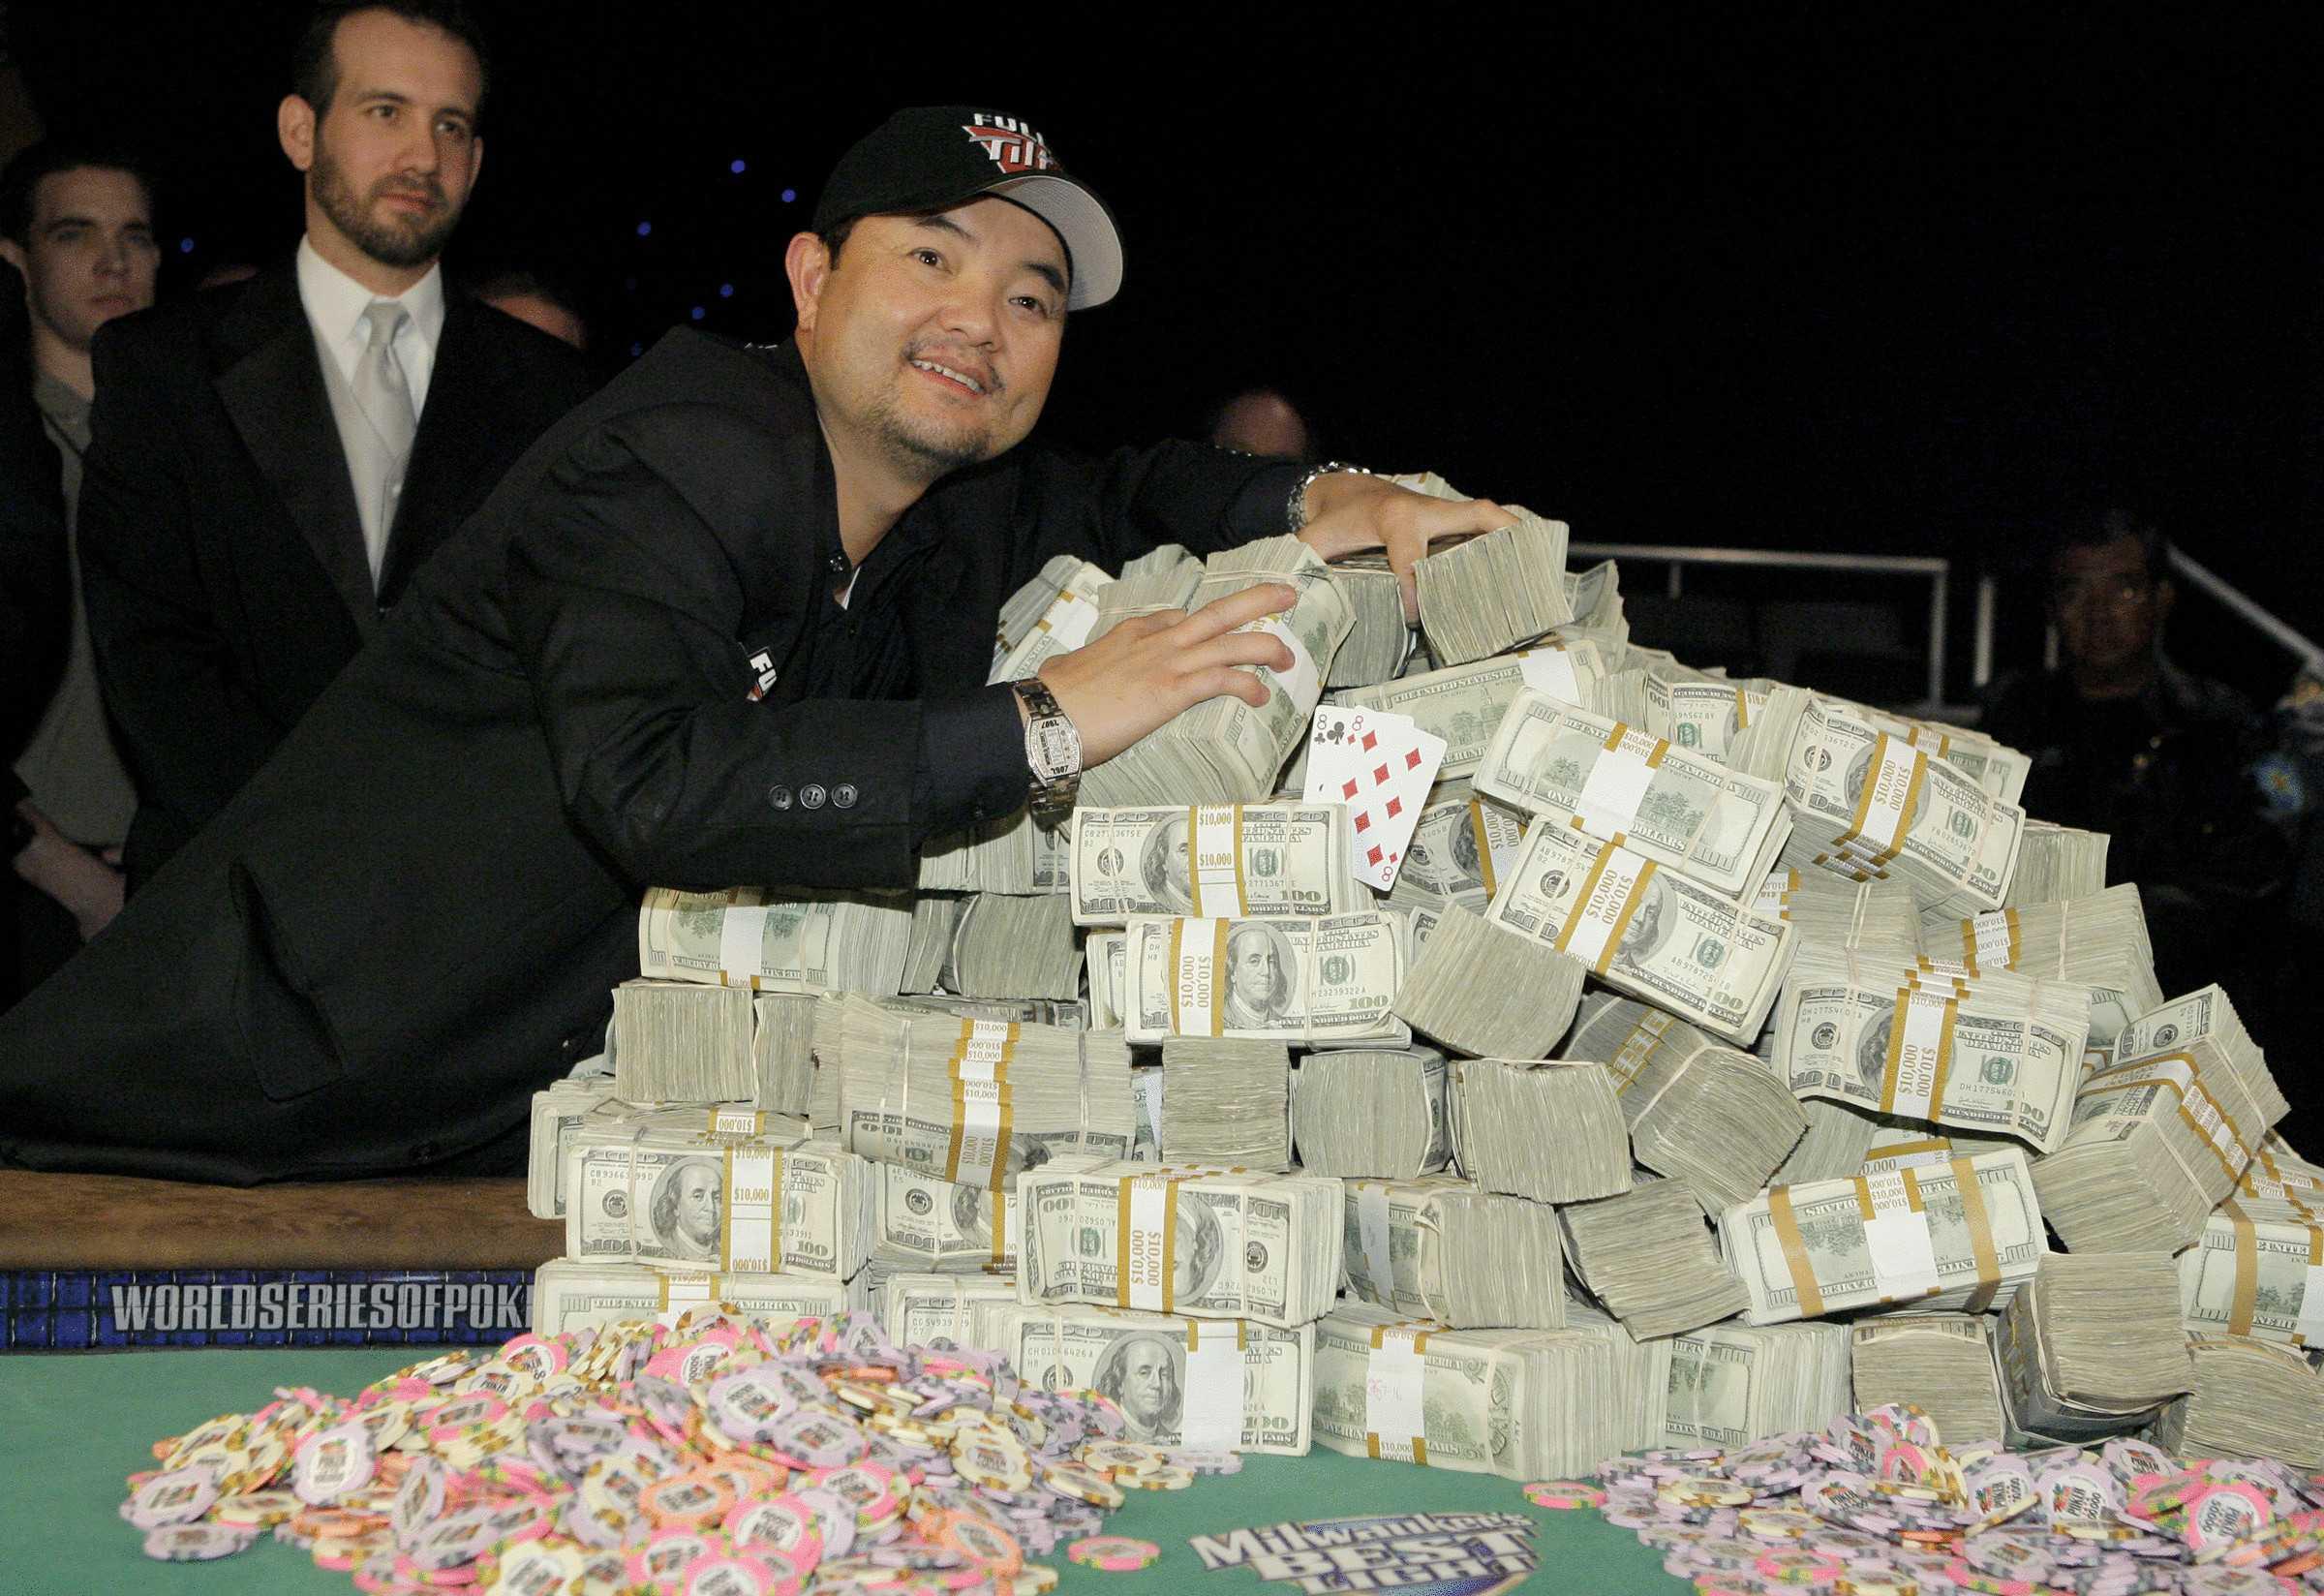 La più grande lotteria vince, casinò, Lotto russo